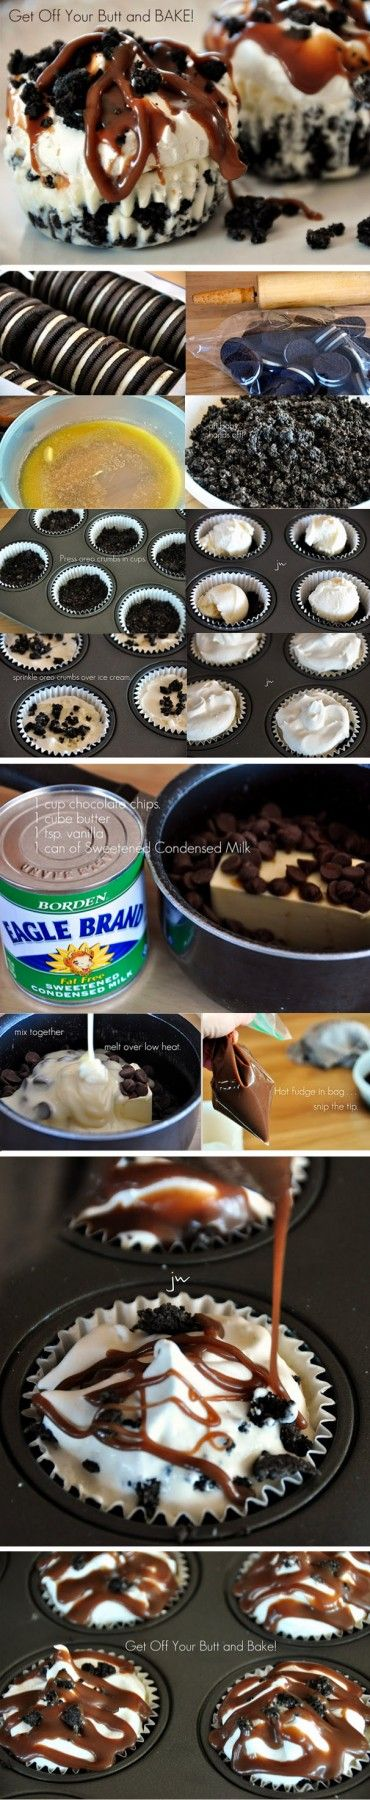 cupcakes-helados-chocolate-oreo-pecados-reposteria-2